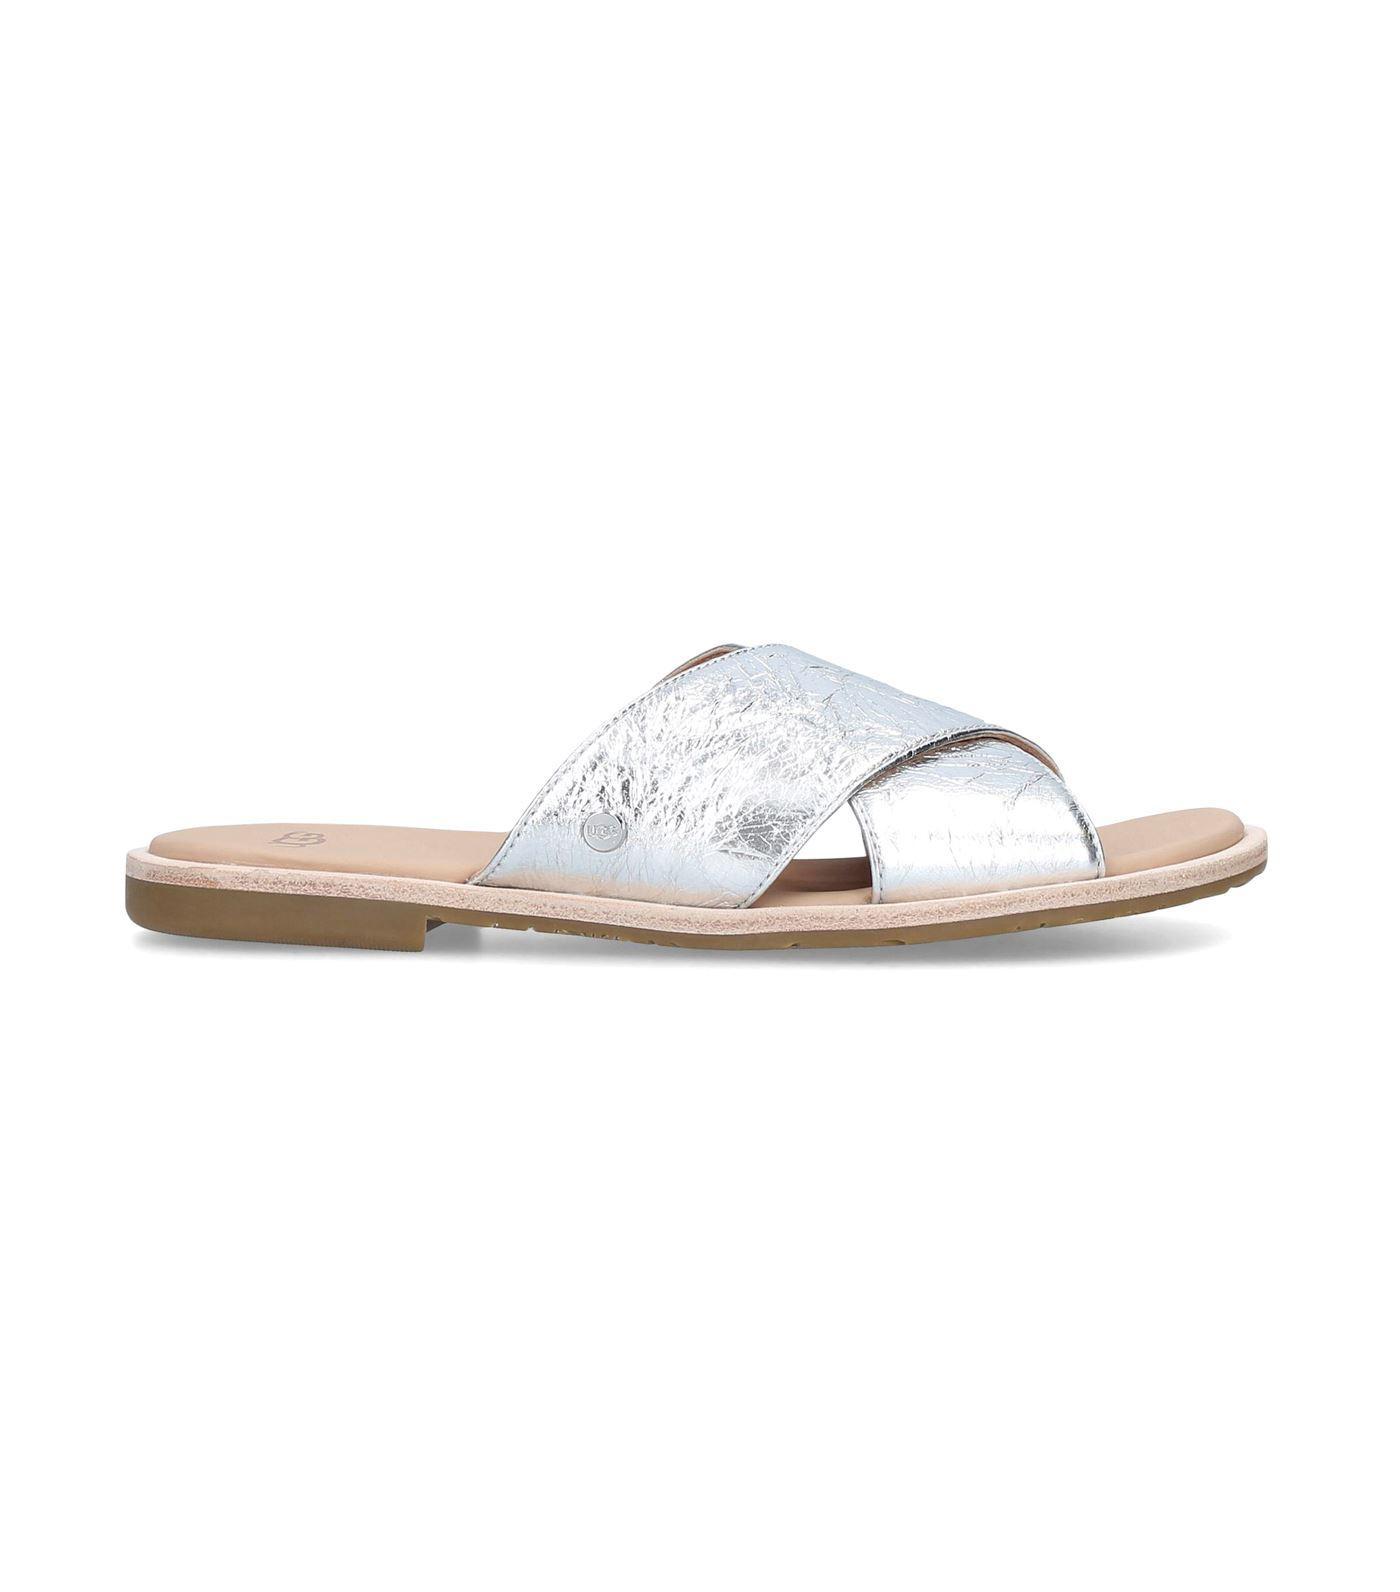 dabc92b4811 Lyst - UGG Joni Metallic Sandals in Metallic - Save 13%